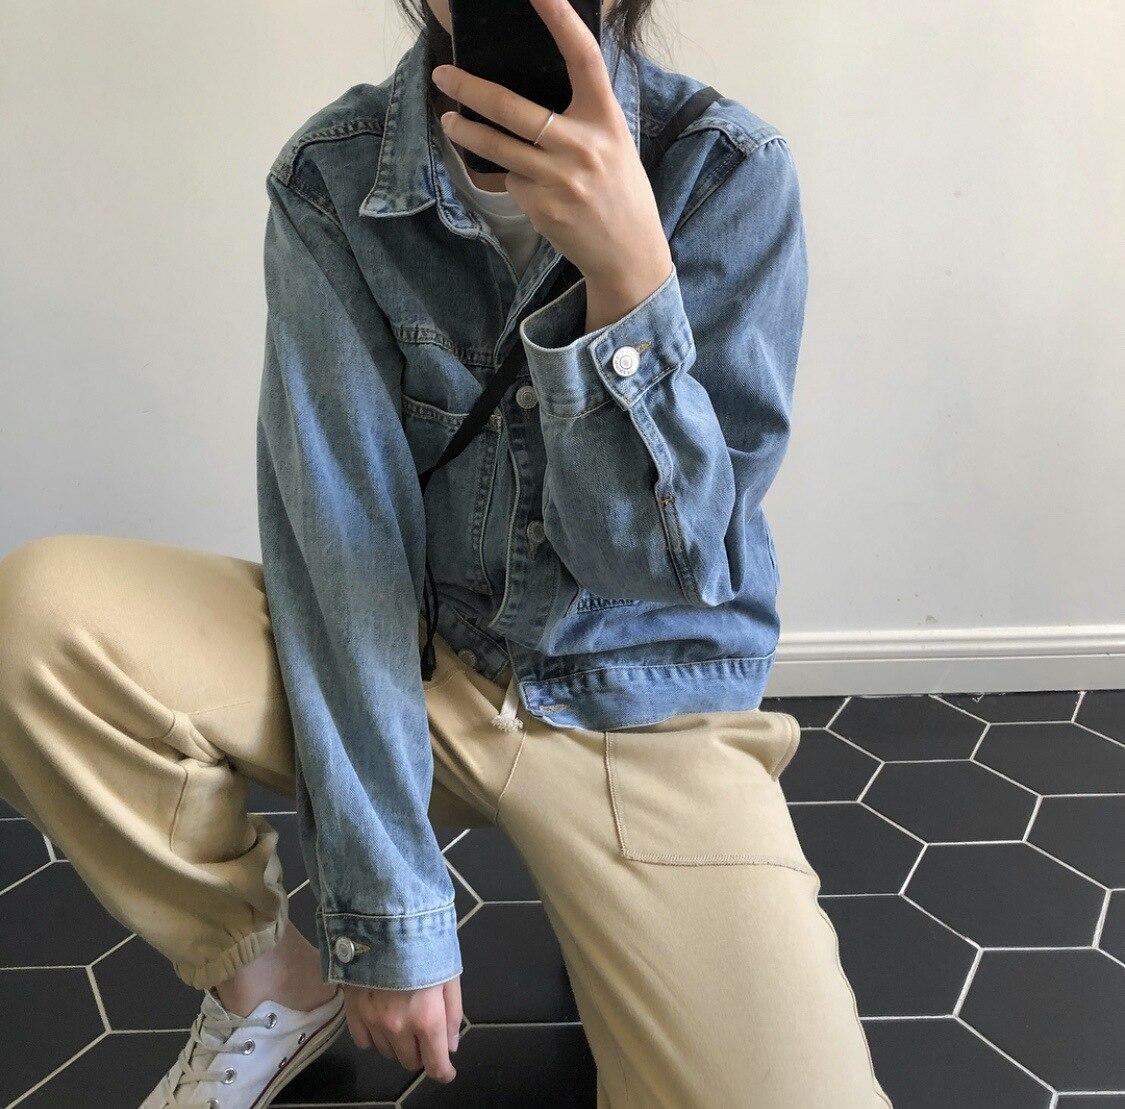 Régulier Pleine Veste Femelle Automne Manteau Femmes Collar Jeans Blue Lâche Nouvelles Outwear Solide Turn Titotato down Coton Casual 2018 Poches X0qxUwq57